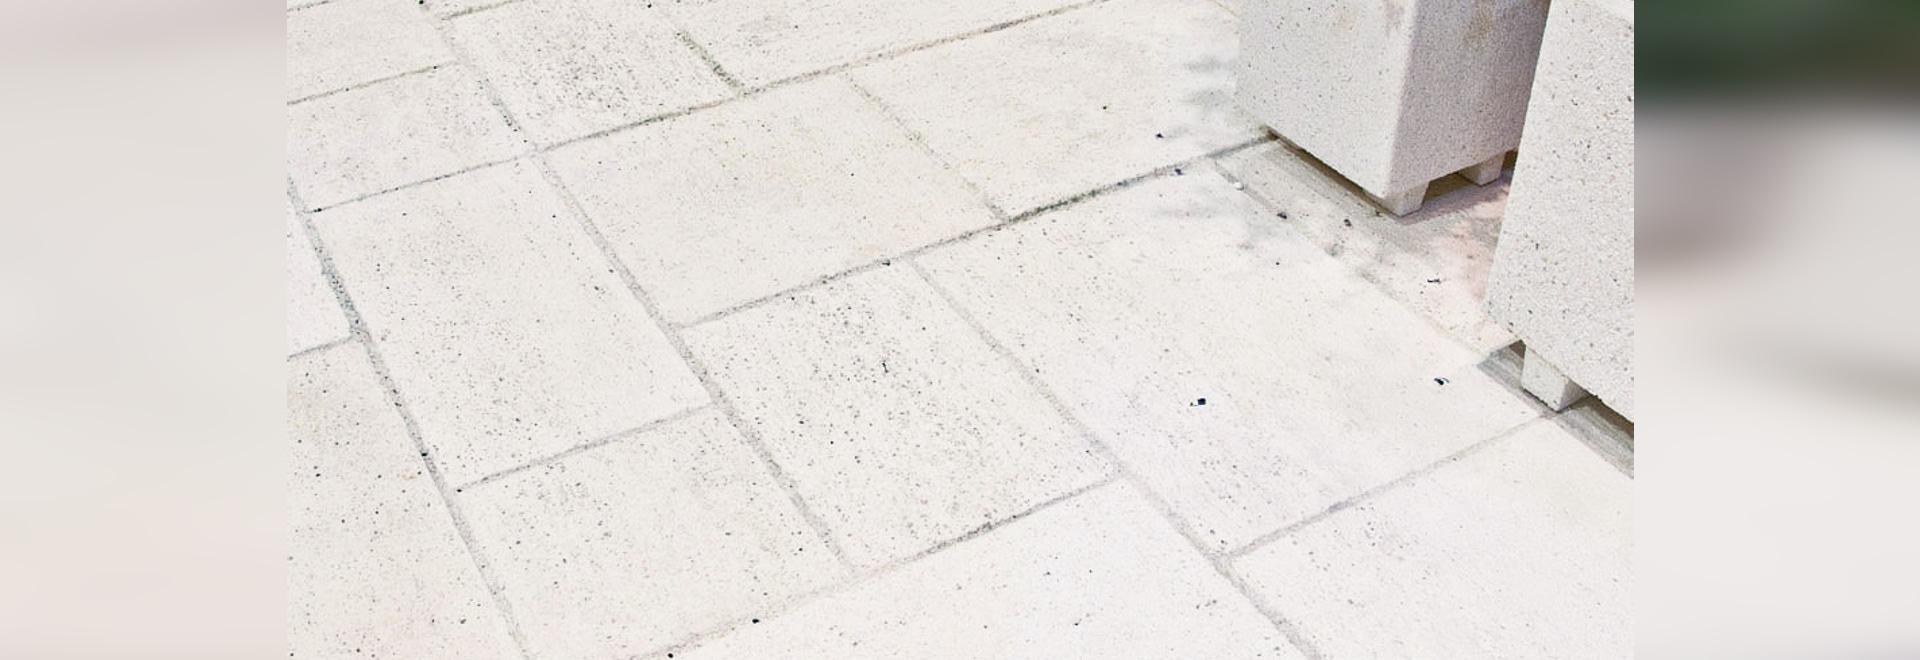 Salinas tile composition